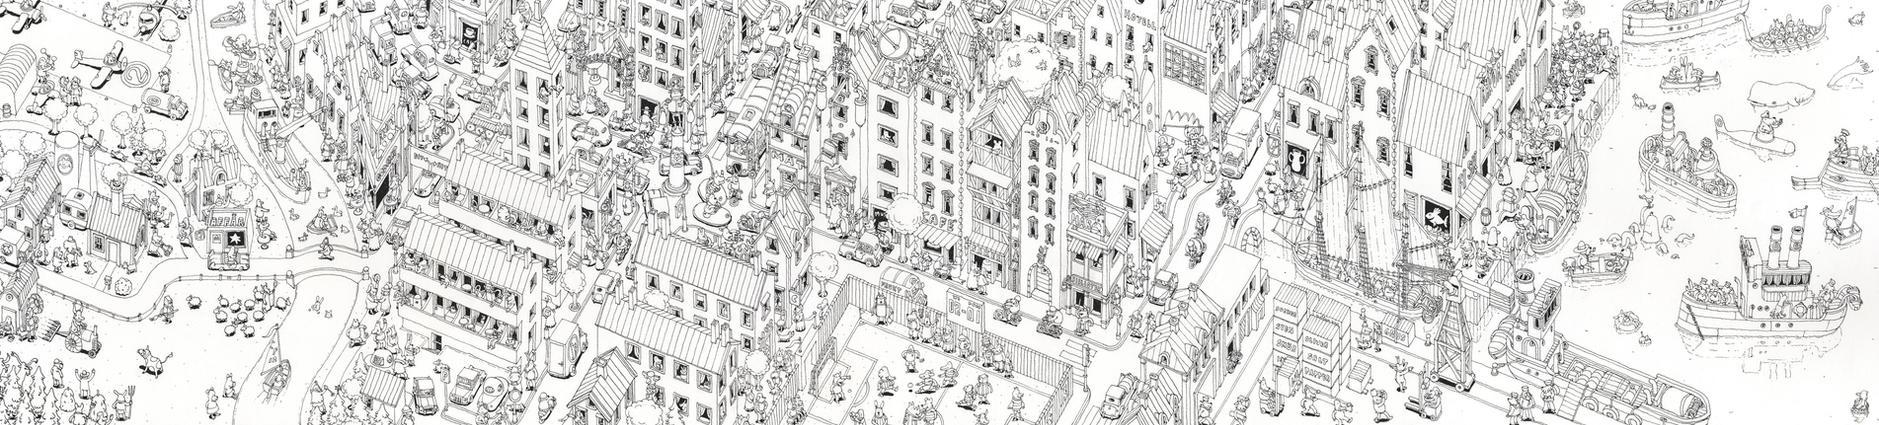 Fable city by MattiasA